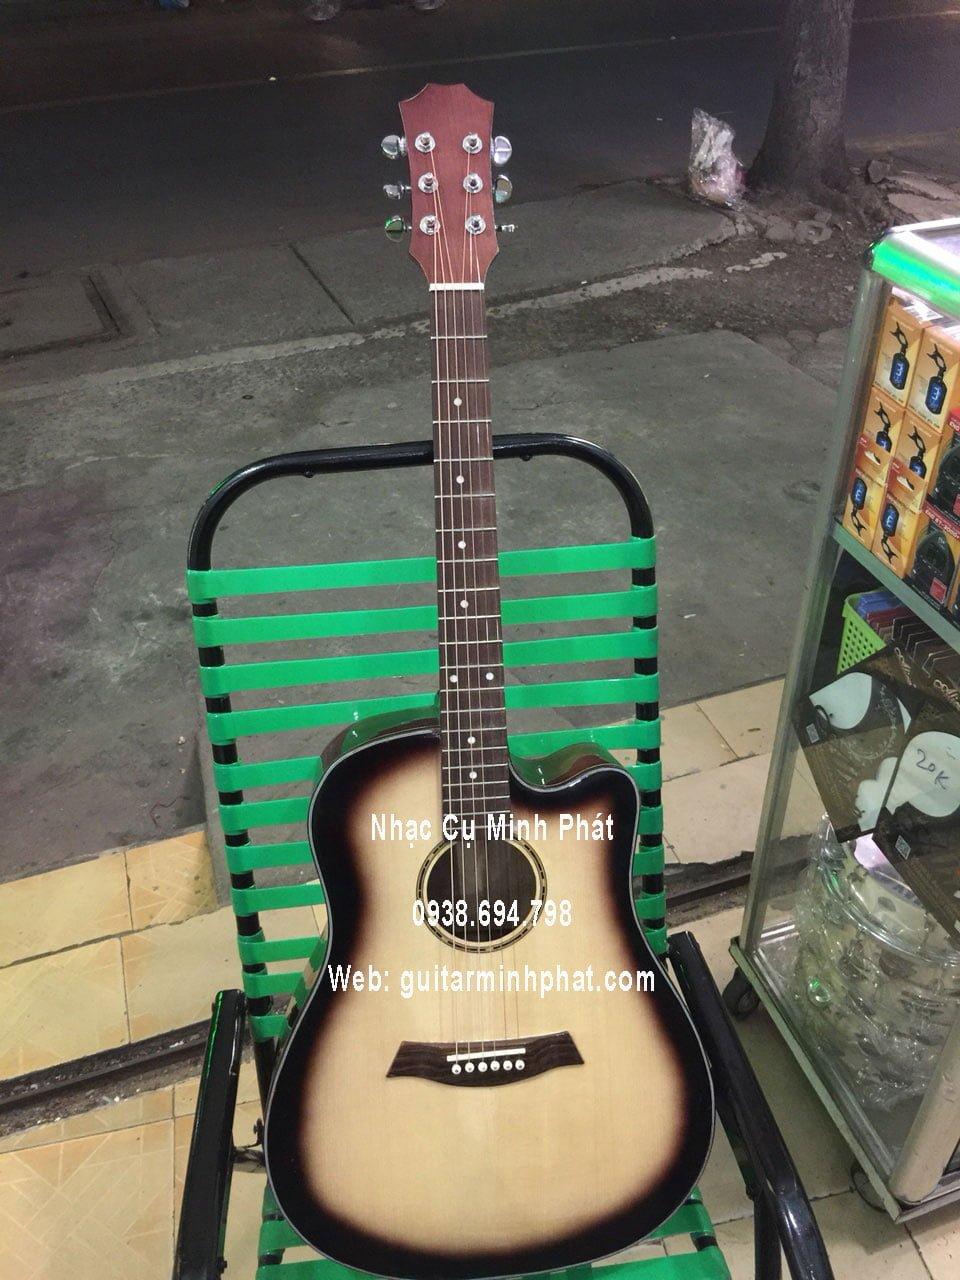 Bán đàn guitar giá rẻ quận bình tân bình chánh tân phú quận 6 chỉ 390k- guitarbinhtan.com - 6